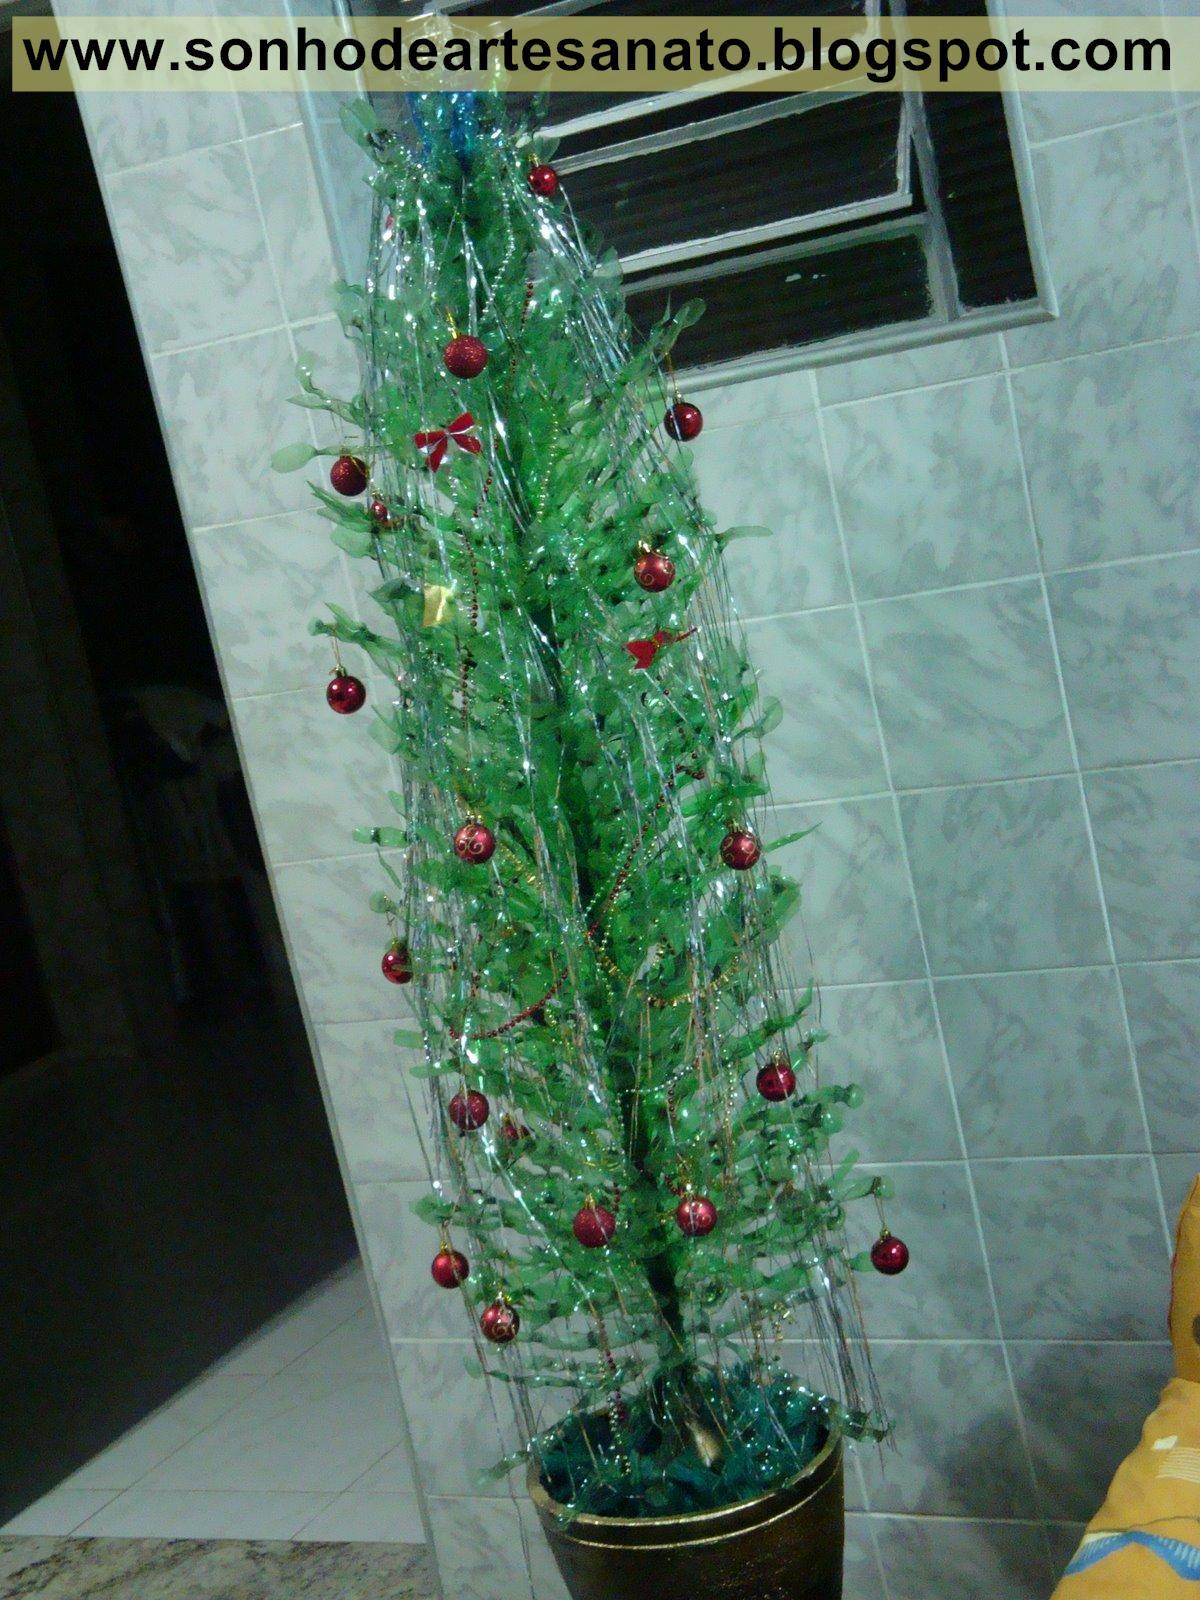 enfeites de natal para jardim passo a passo : enfeites de natal para jardim passo a passo:Árvores de natal feitas com garrafas pet – passo a passo